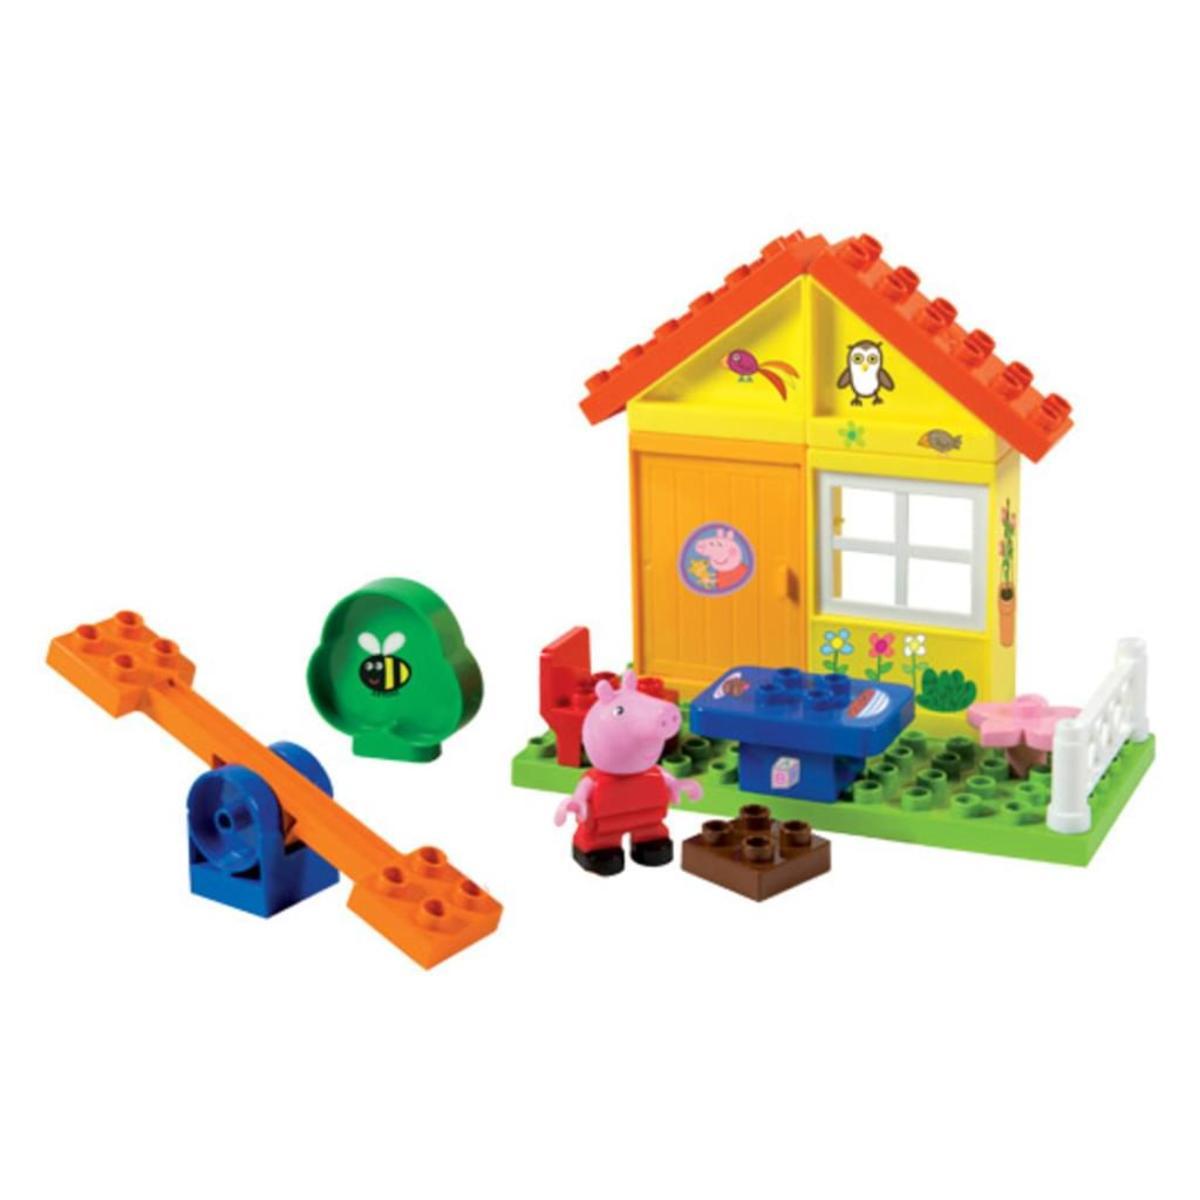 Bild 2 von BIG PlayBIG Bloxx Peppa Garden House, 800057073